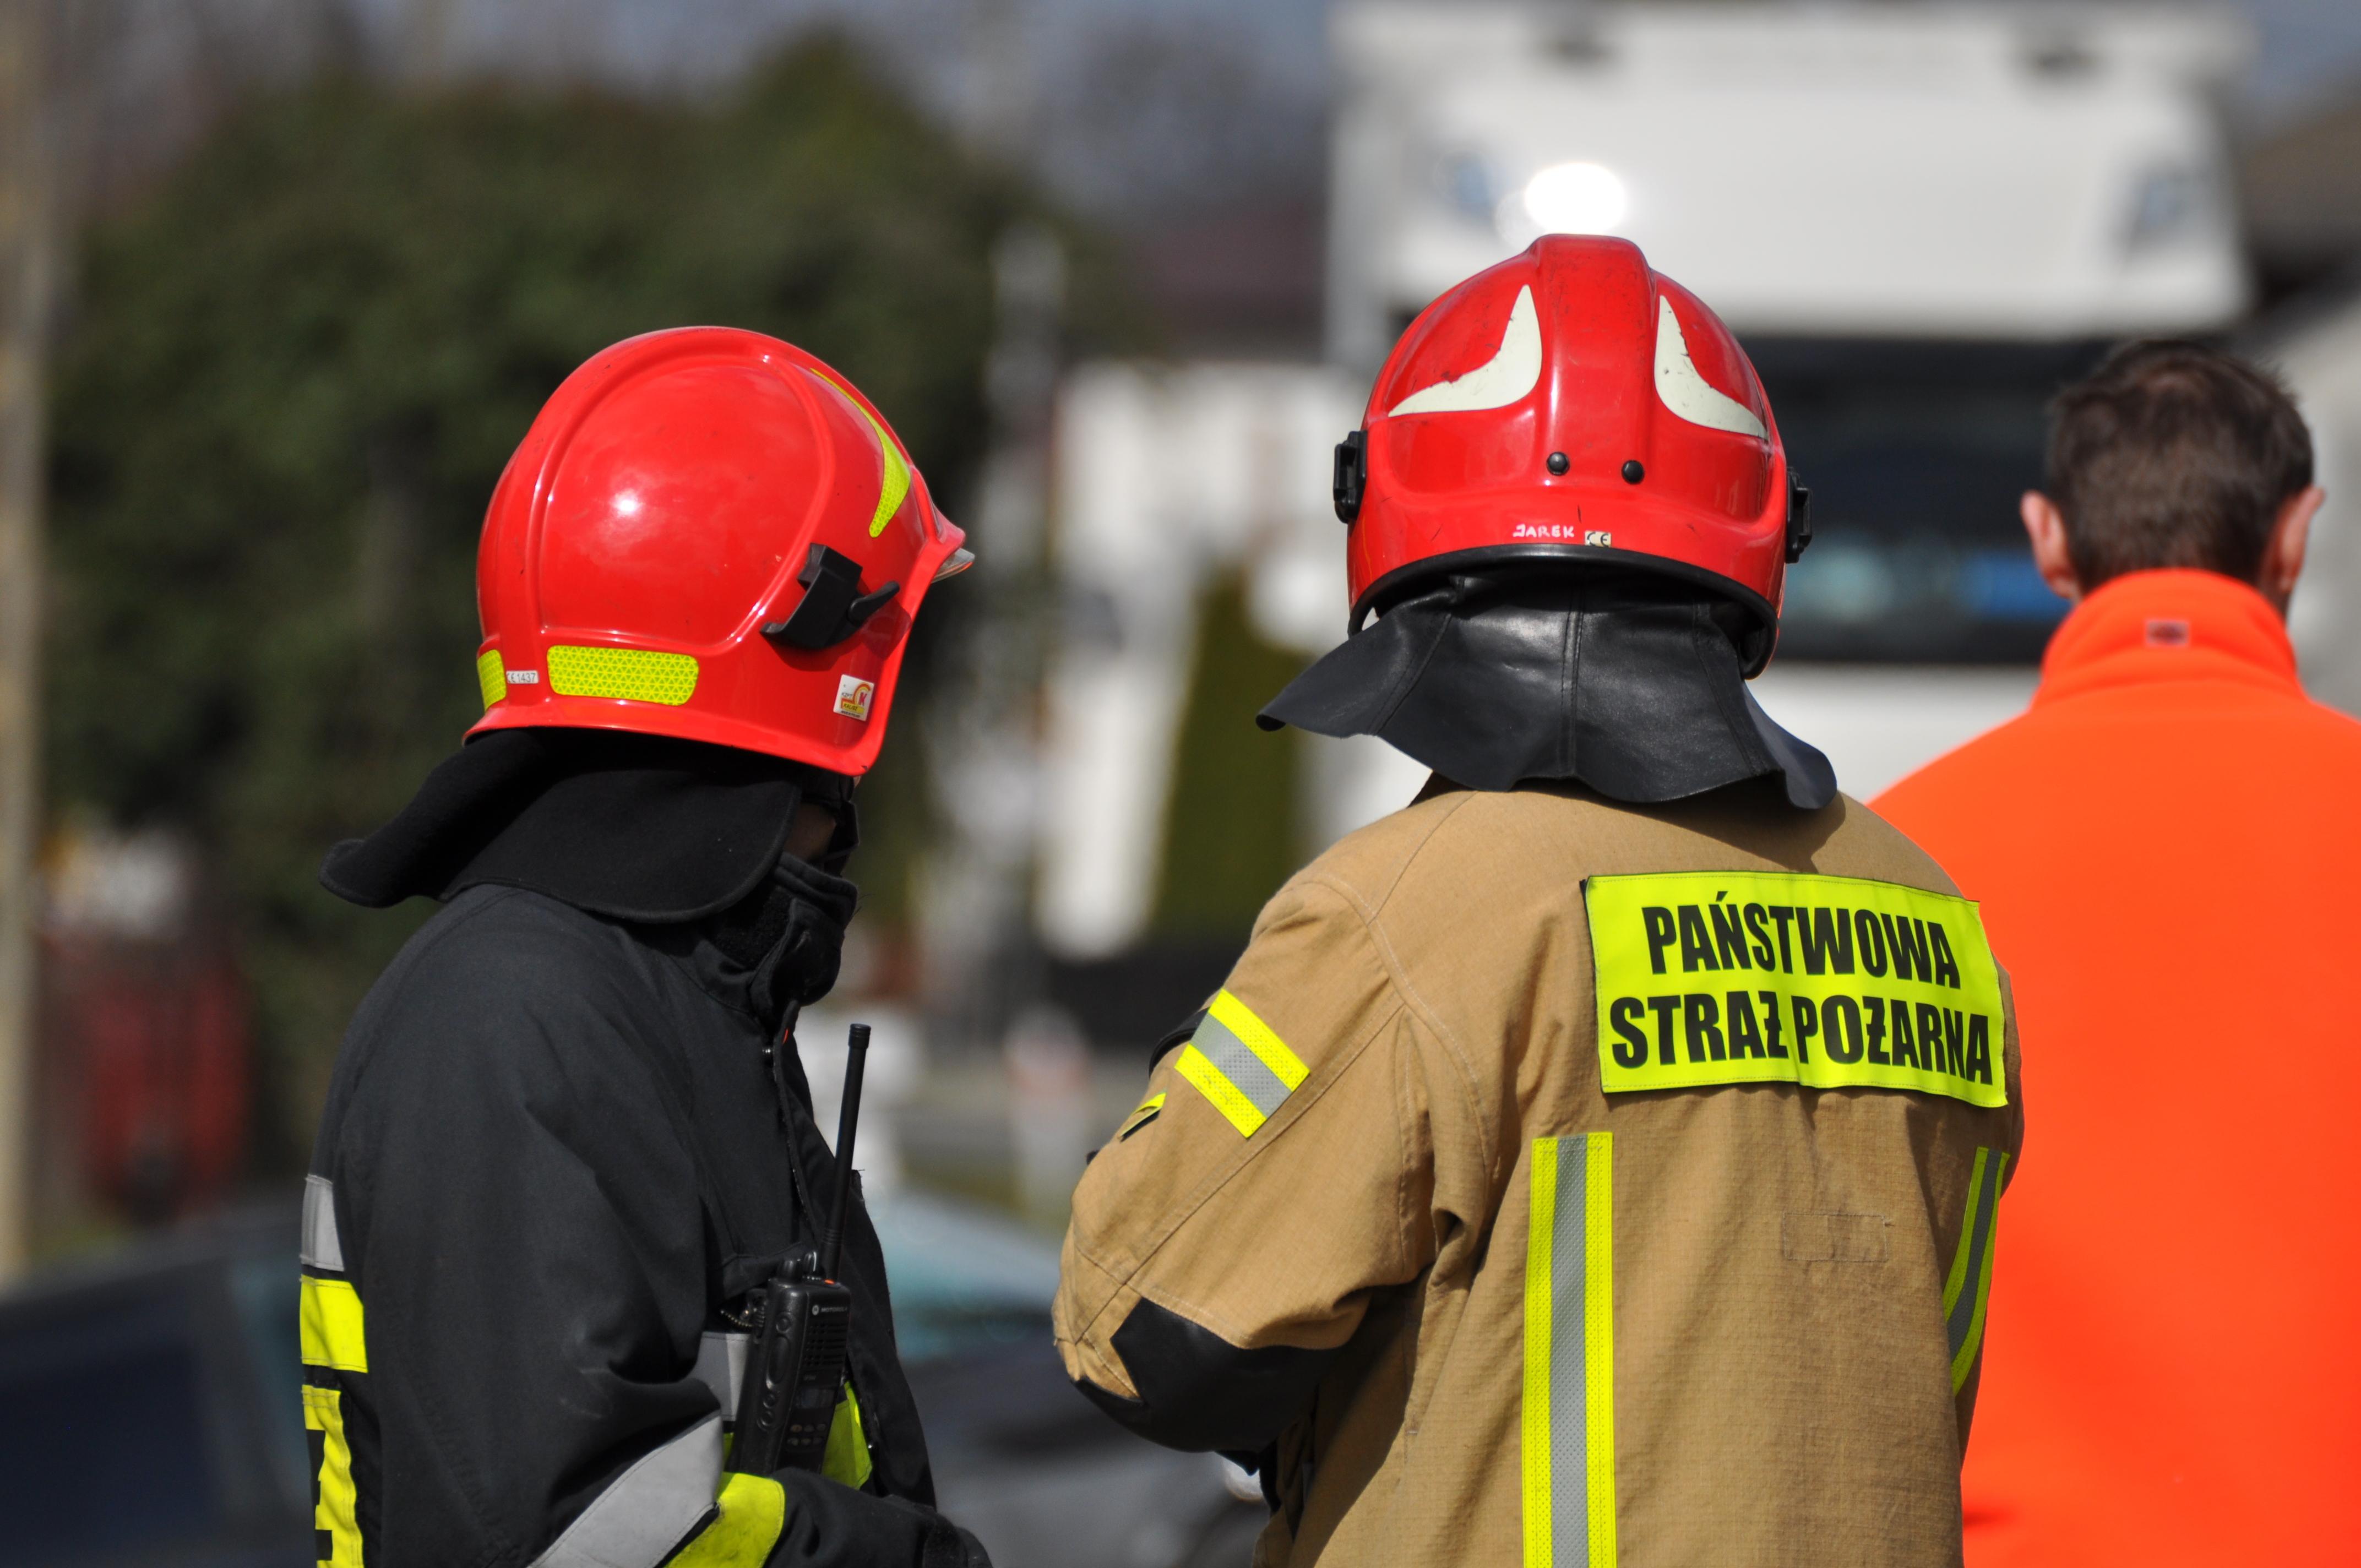 Strażacy szukali padłych dzików z ASF - Zdjęcie główne